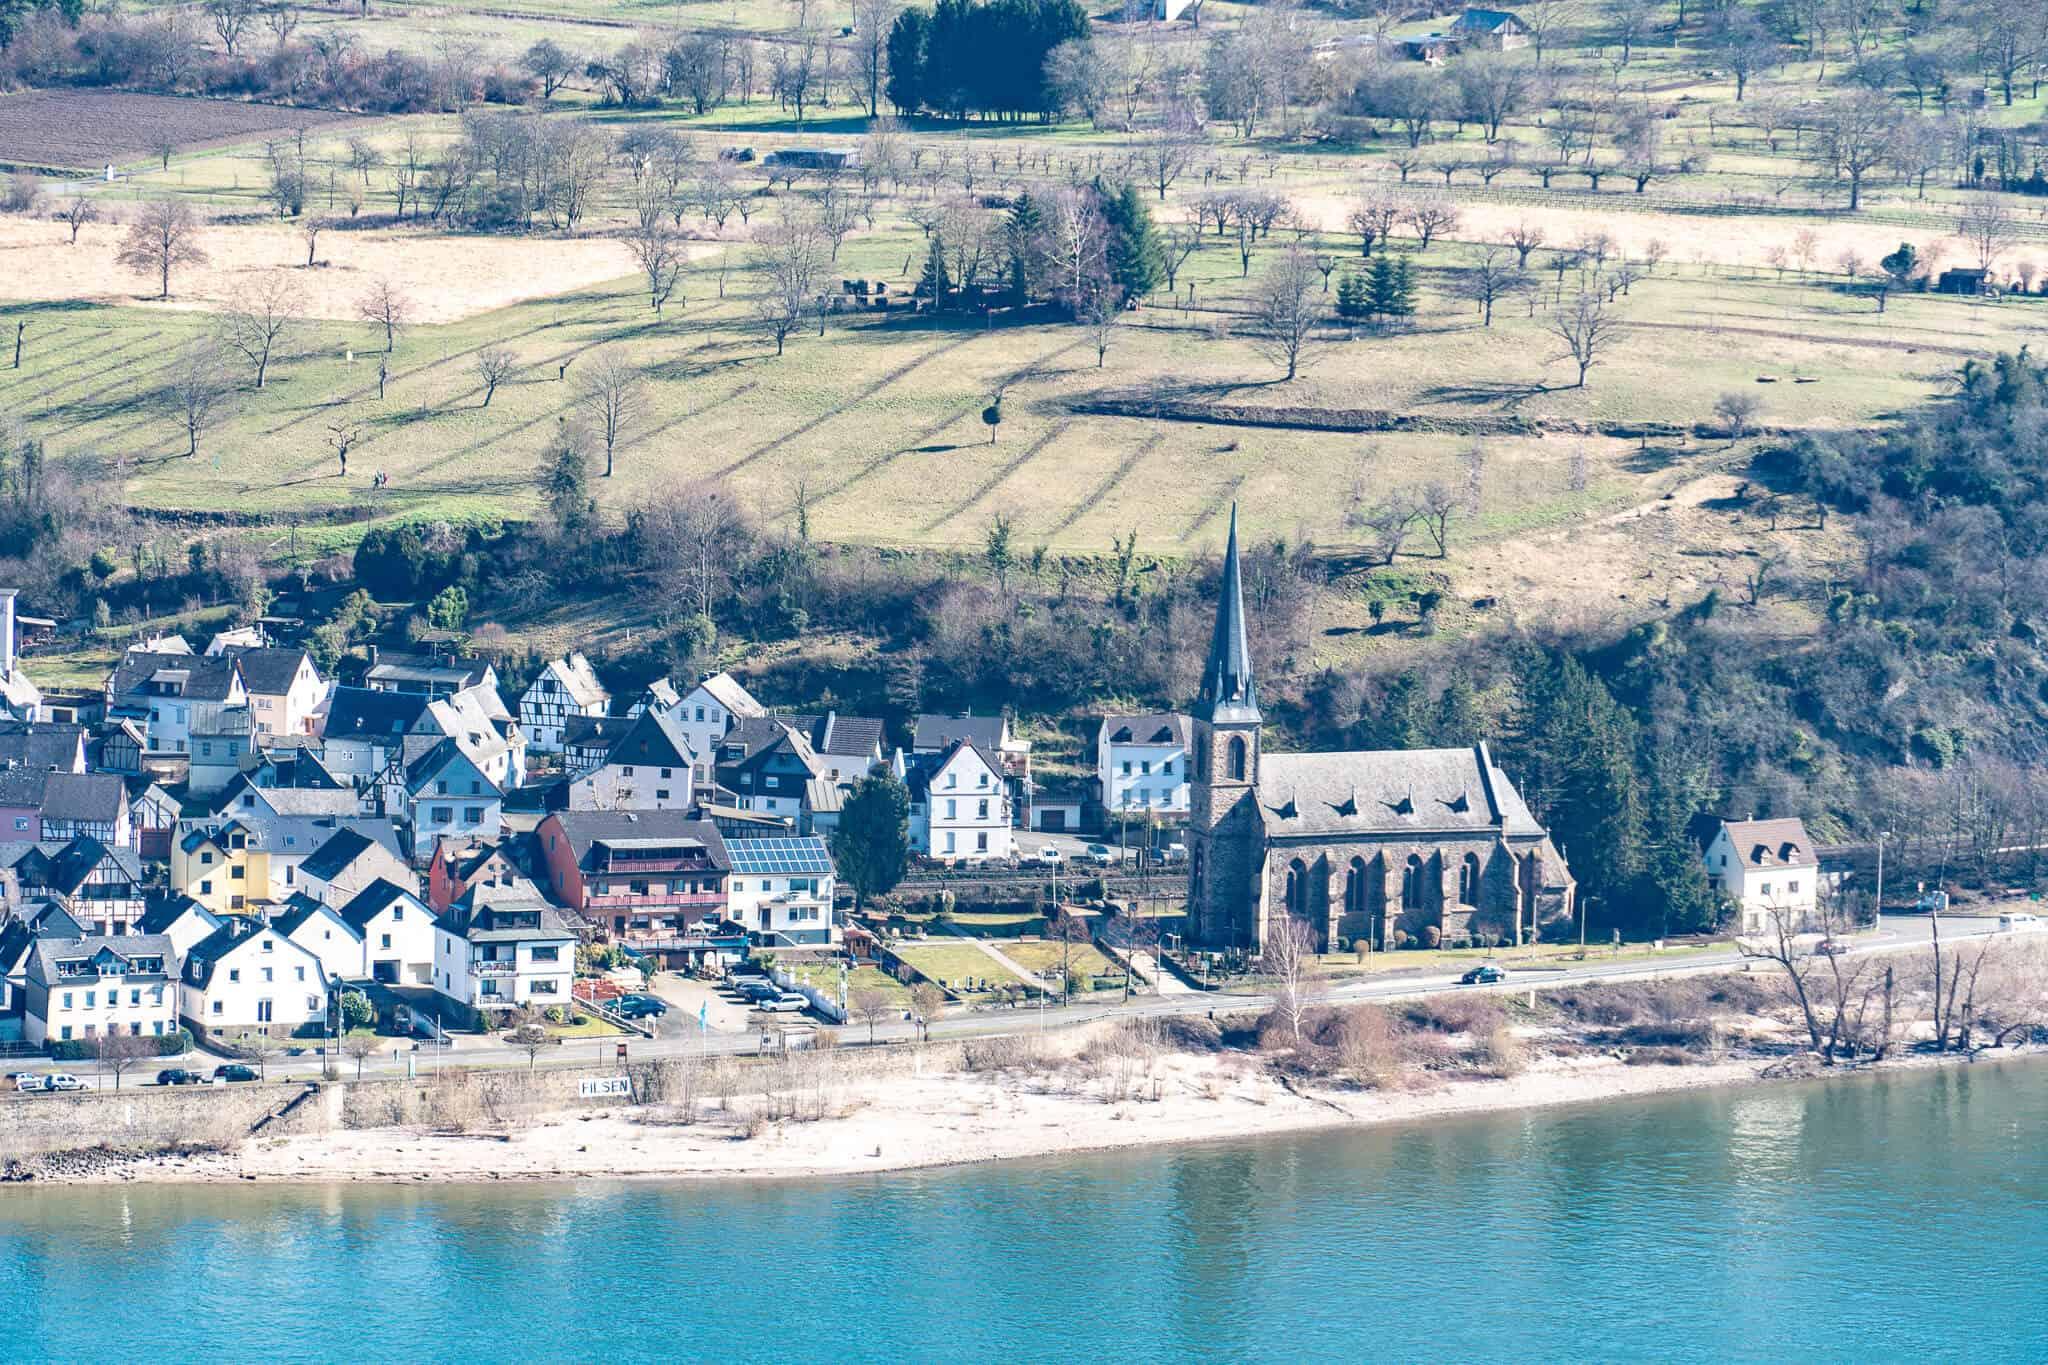 Kirche am Rhein